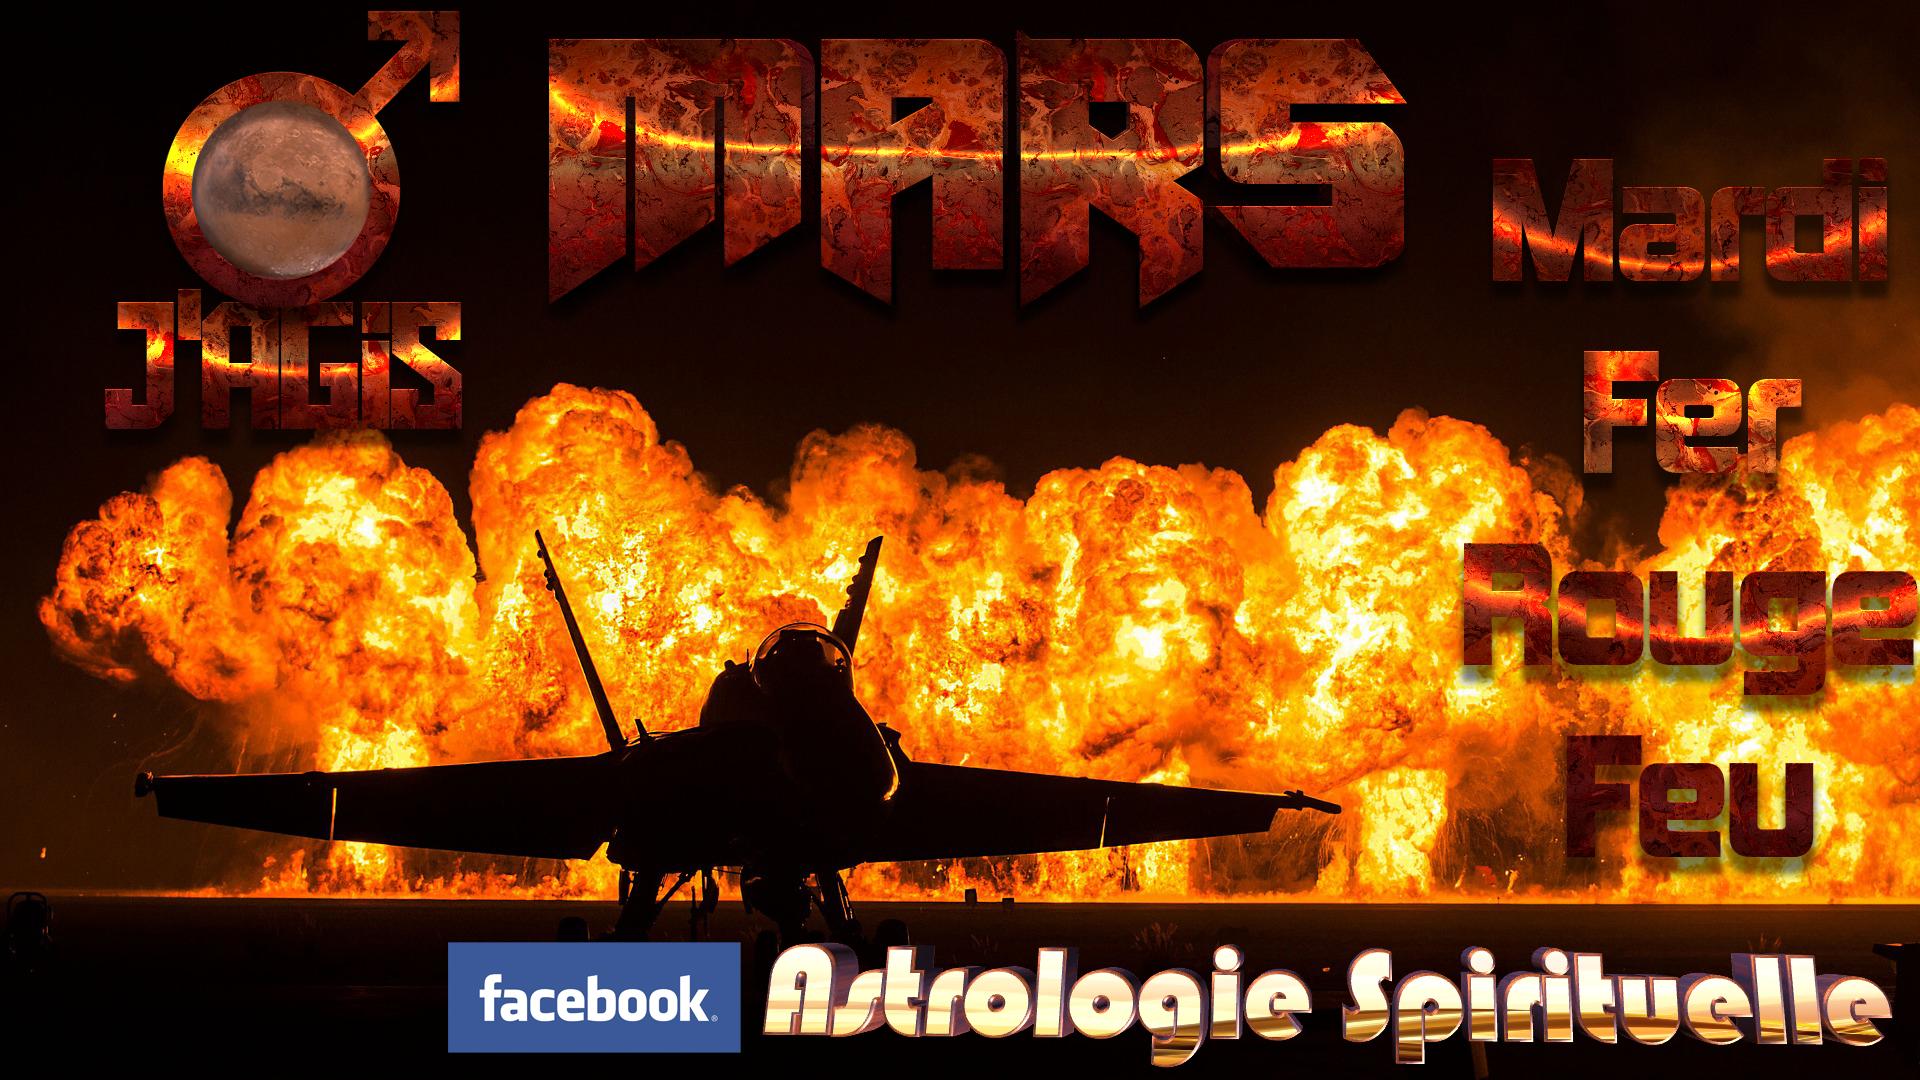 Mars c'est le mardi